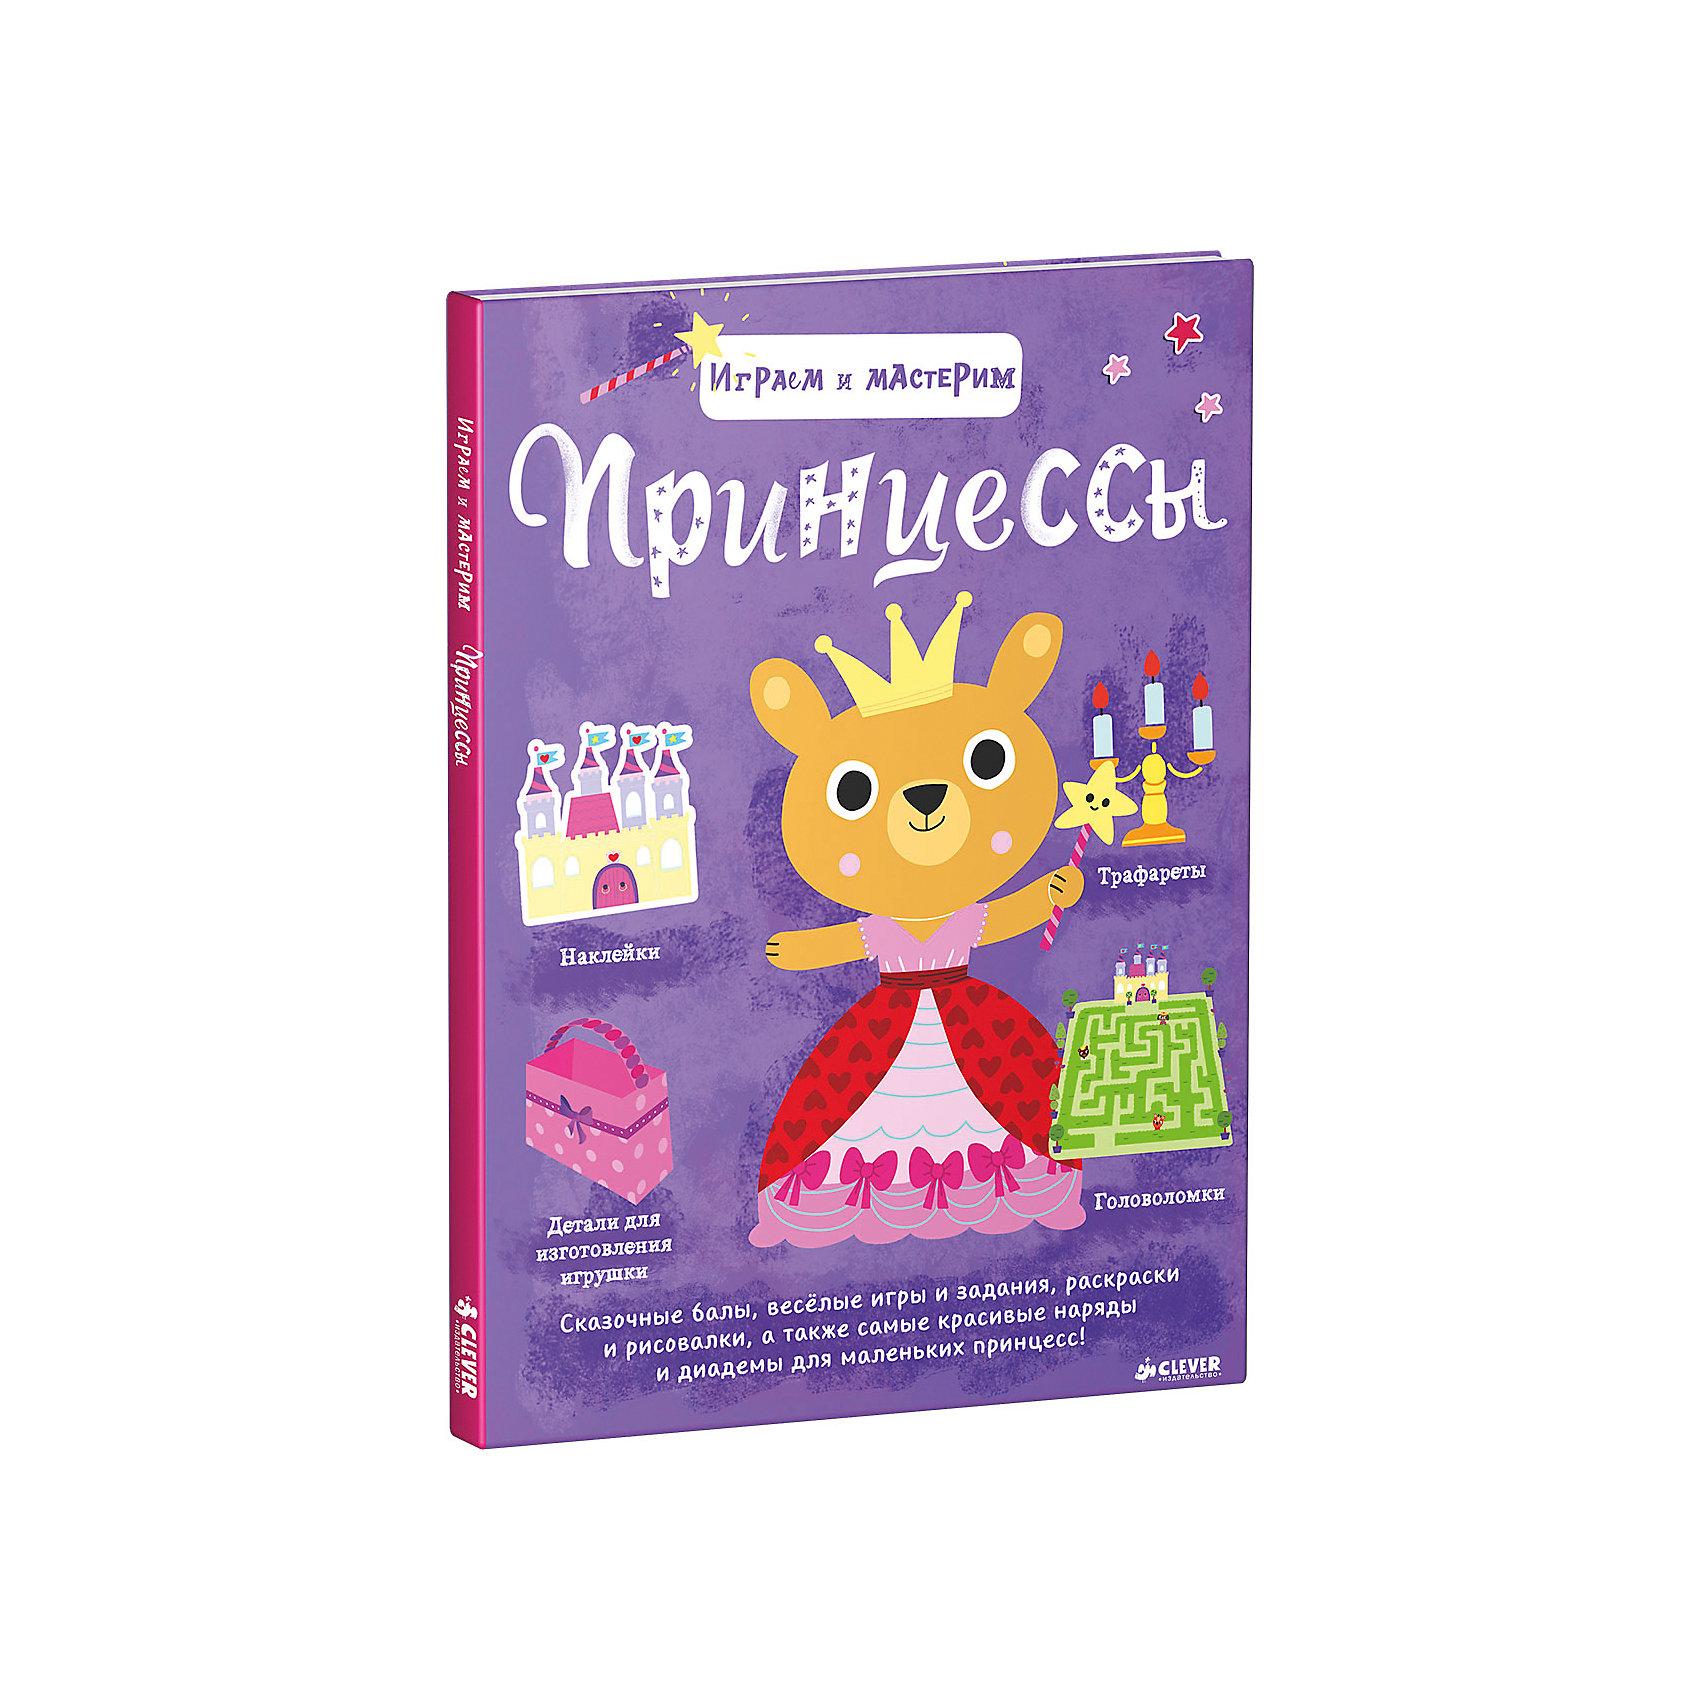 Принцессы, Играем и мастеримХарактеристики книги Принцессы:<br><br>• возраст: от 4 лет<br>• пол: для девочек<br>• материал : бумага.<br>• количество страниц: 48.<br>• размер книги: 30х22 см.<br>• тип обложки: мягкий.<br>• иллюстрации: цветные.<br>• бренд: издательство Clever<br>• страна обладатель бренда: Россия.<br><br>Книга Принцессы из серии Играем и мастерим поможет девочкам отправиться в захватывающее путешествие по замку доброй и благородной принцессы Лизы. Это сборник интересных и увлекательных заданий, среди которых создание рисунков и поделок с помощью трафаретов, рисование неповторимых портретов подружек, и конечно же, посещение пышных балов и встреча с долгожданным принцем. <br><br>Книгу Принцессы из серии Играем и мастерим издательства Clever можно купить в нашем интернет-магазине.<br><br>Ширина мм: 300<br>Глубина мм: 220<br>Высота мм: 5<br>Вес г: 371<br>Возраст от месяцев: 48<br>Возраст до месяцев: 72<br>Пол: Женский<br>Возраст: Детский<br>SKU: 5377831